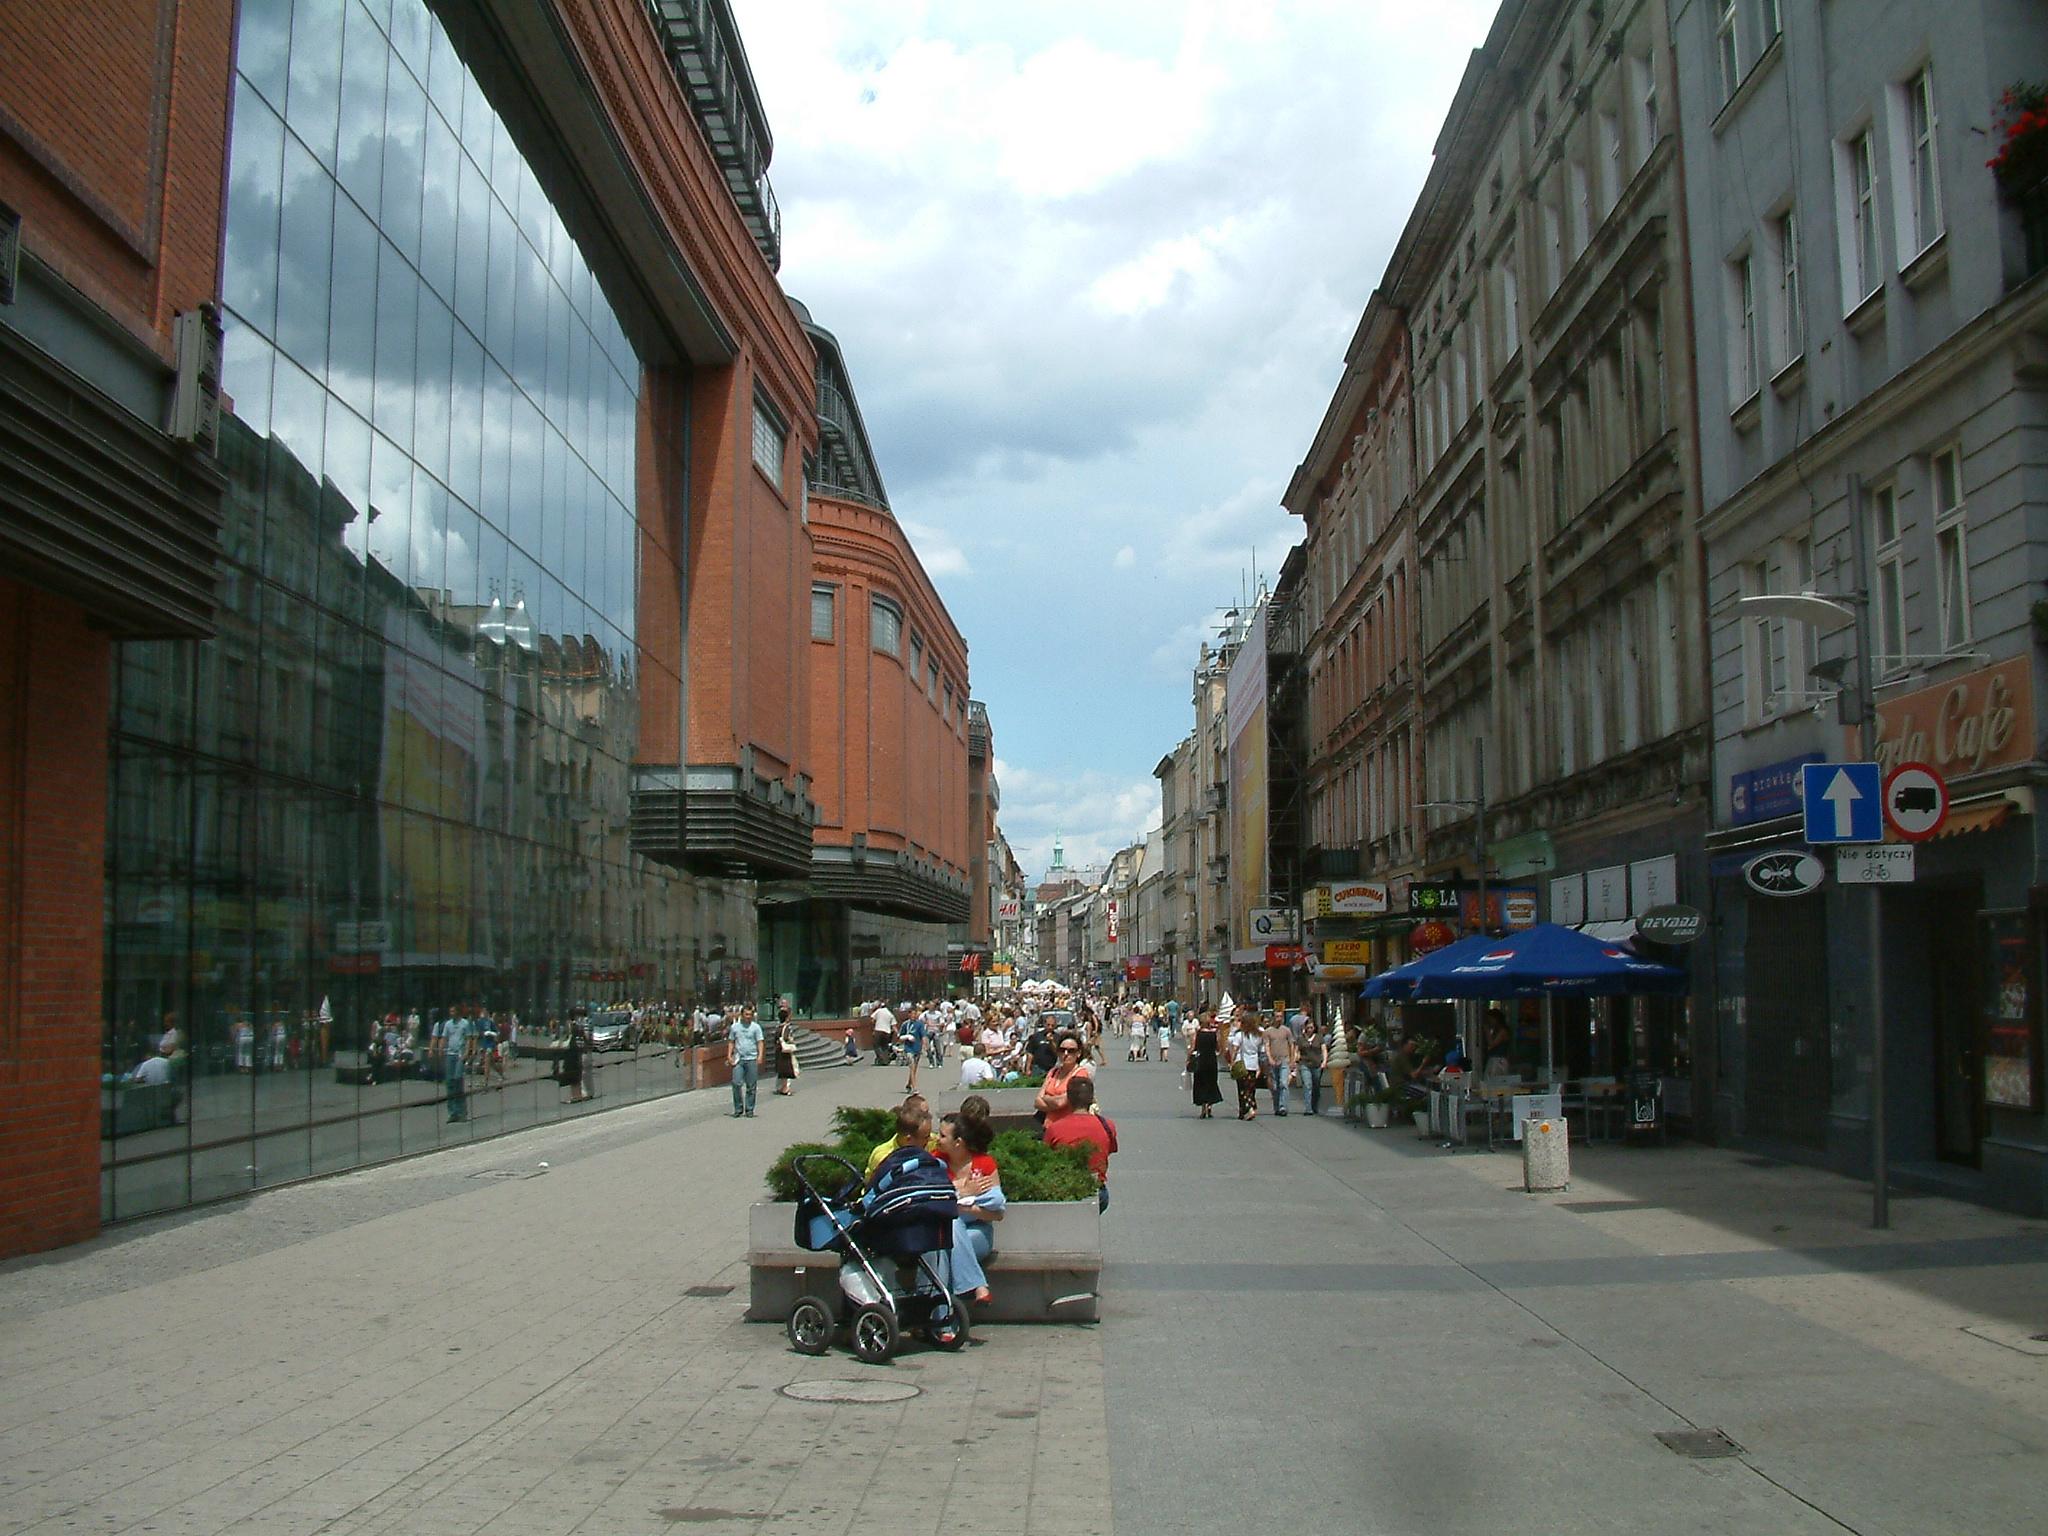 Ulica Półwiejska w Poznaniu